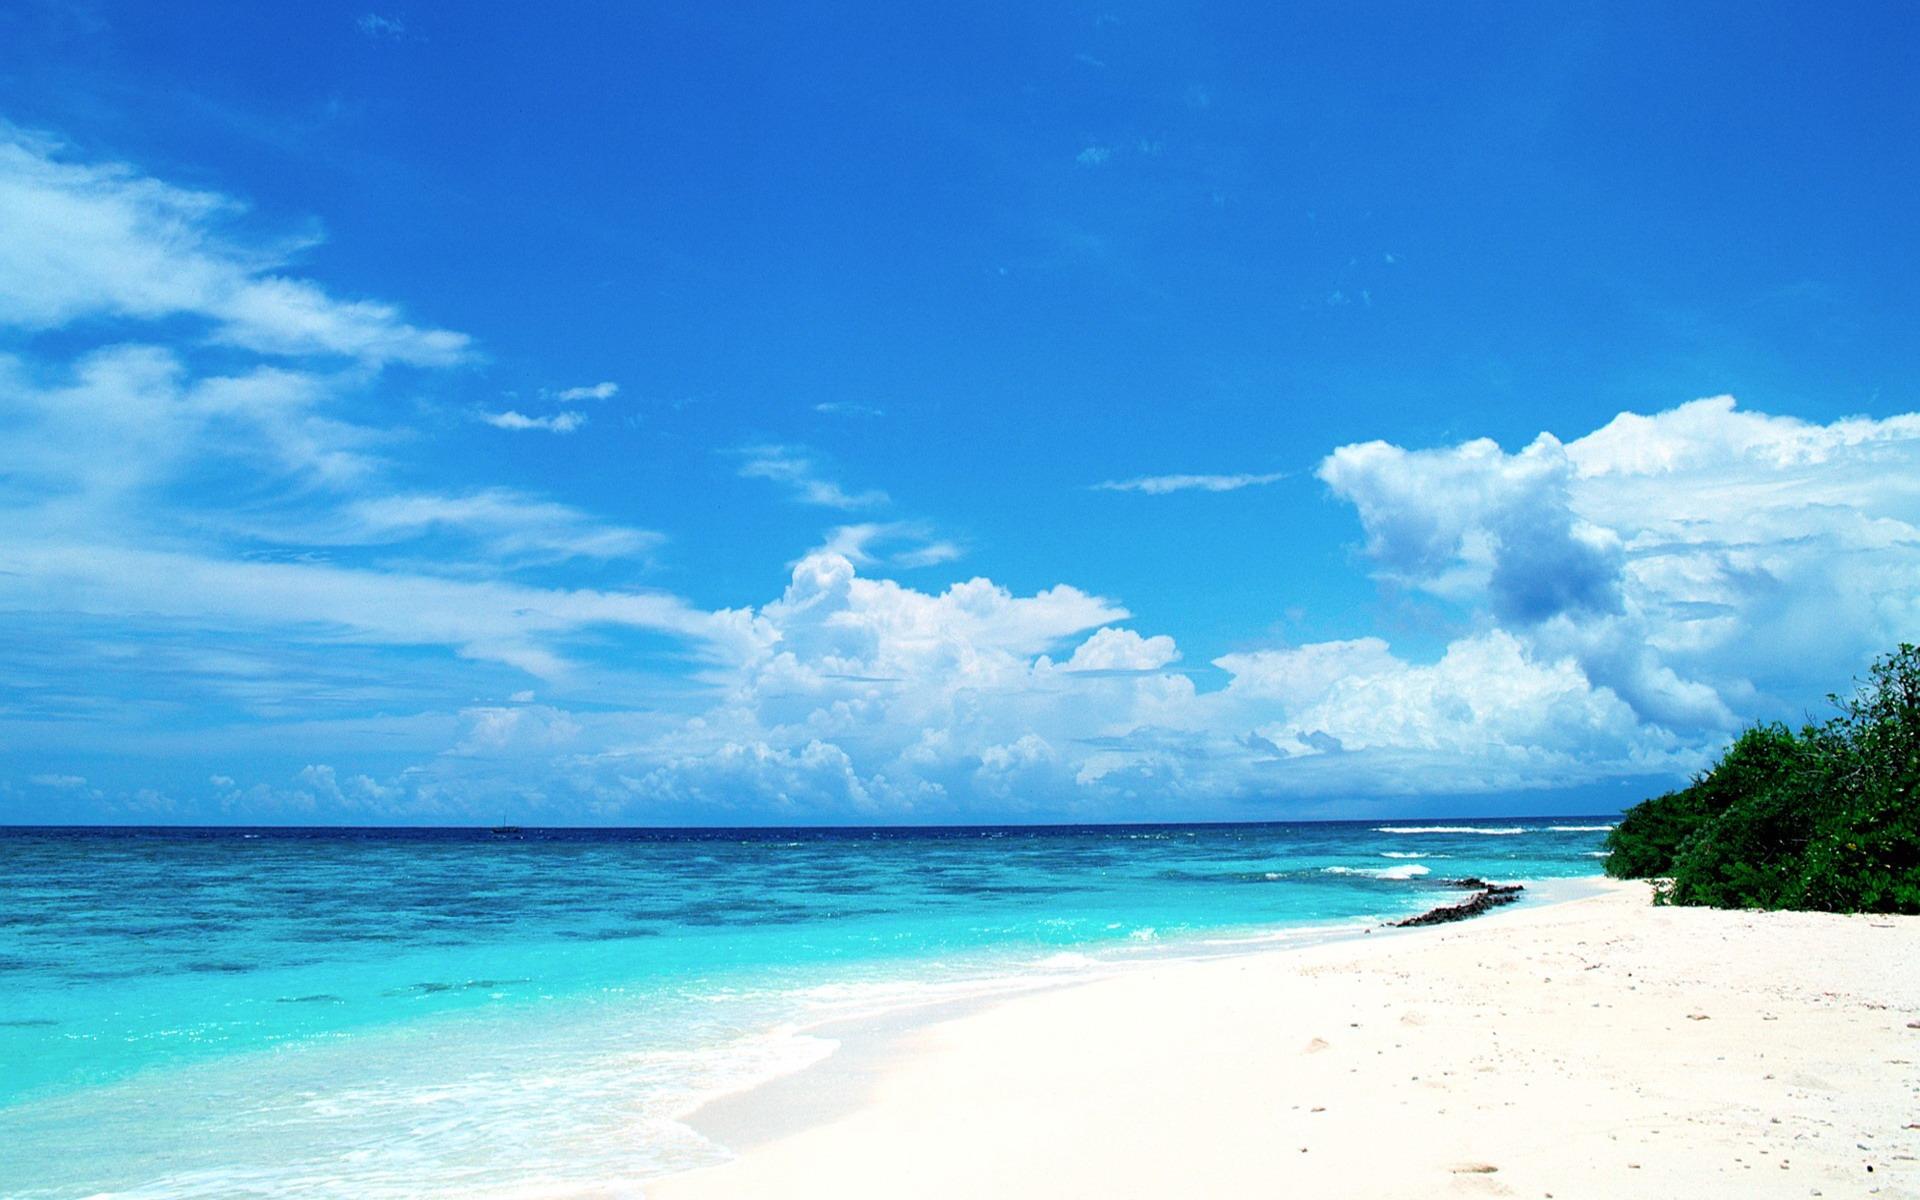 11 Beach Desktop Wallpapers 745784 Beach Backgrounds 1920x1200